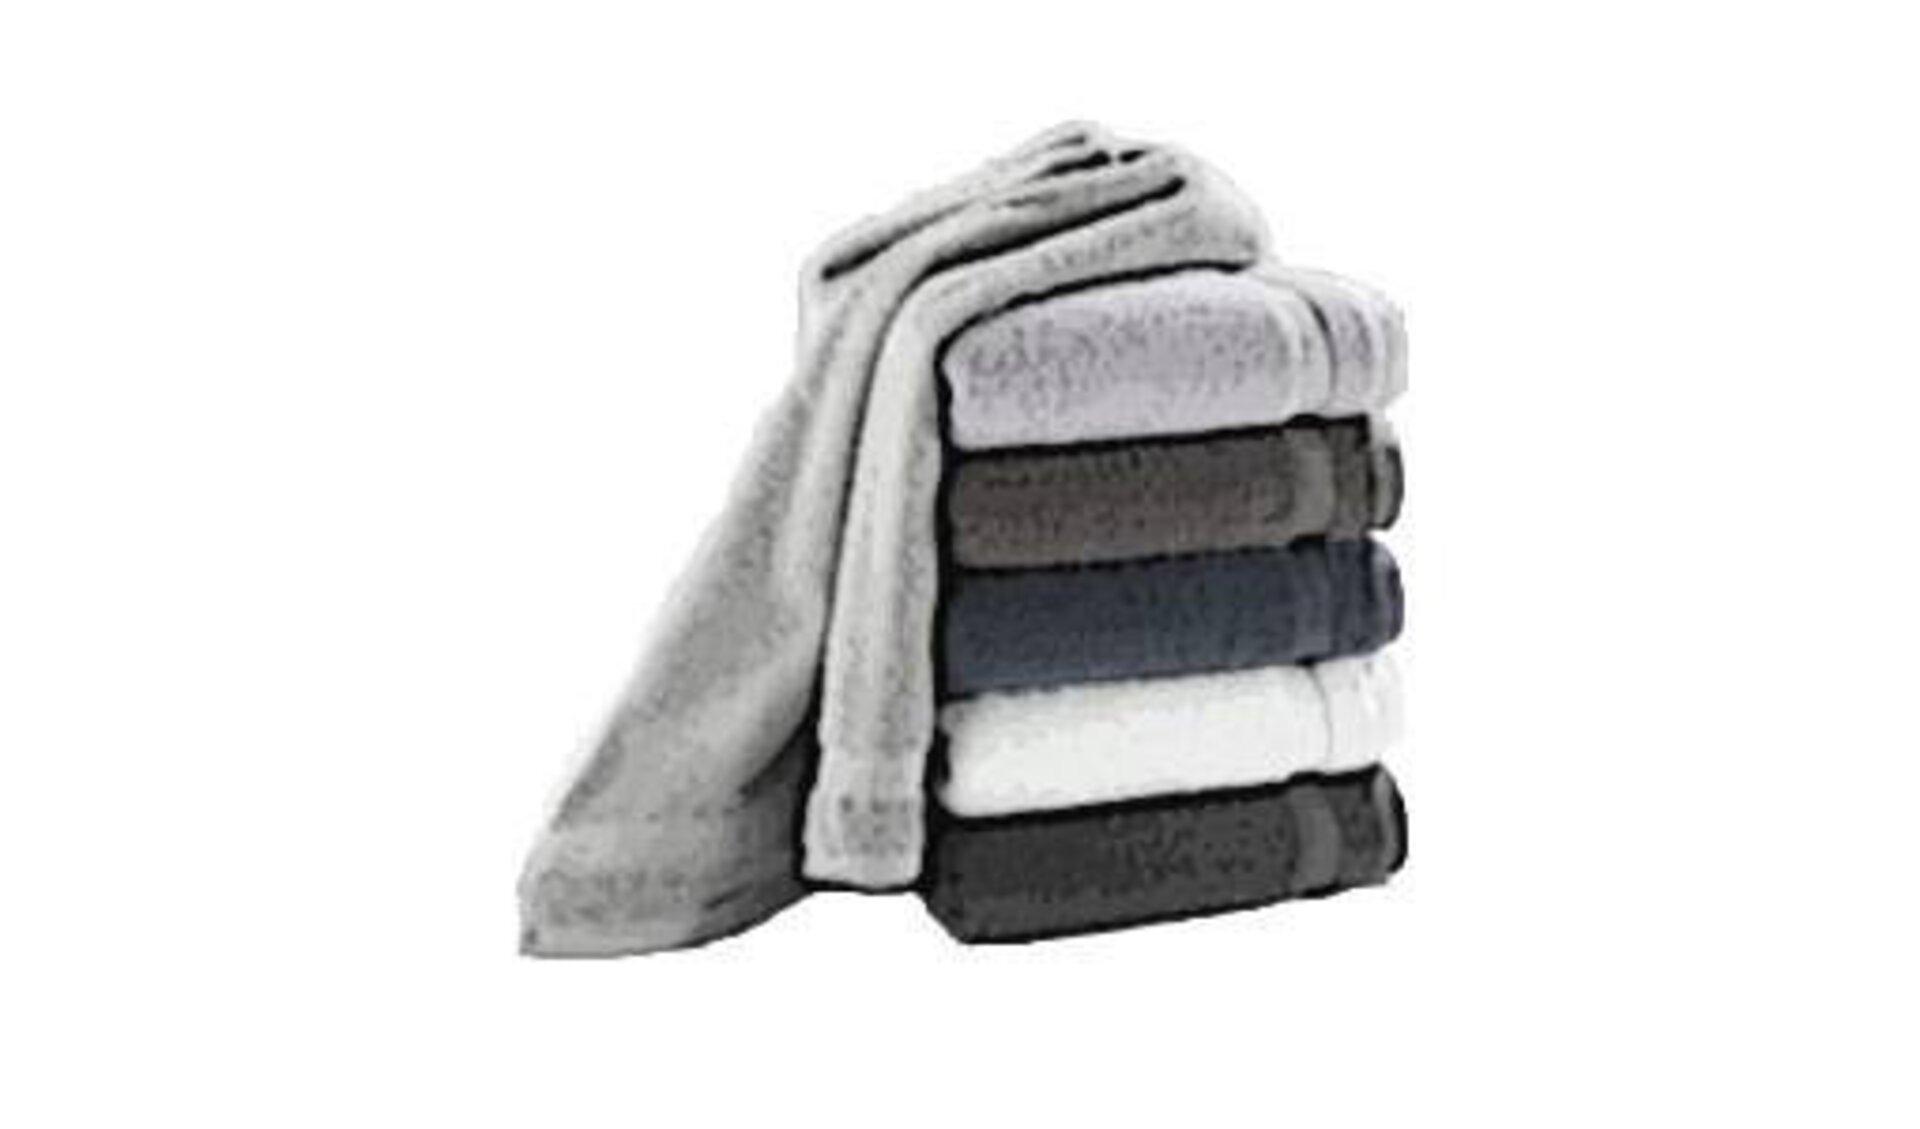 Badtextilien hier abgebildet als aufeinandergestapelte Handtücher in unterschiedlichen Grautönen. Das oberste Handtuch ist nicht zusammengelegt und hängt über die linke Seite am Stapel herab.